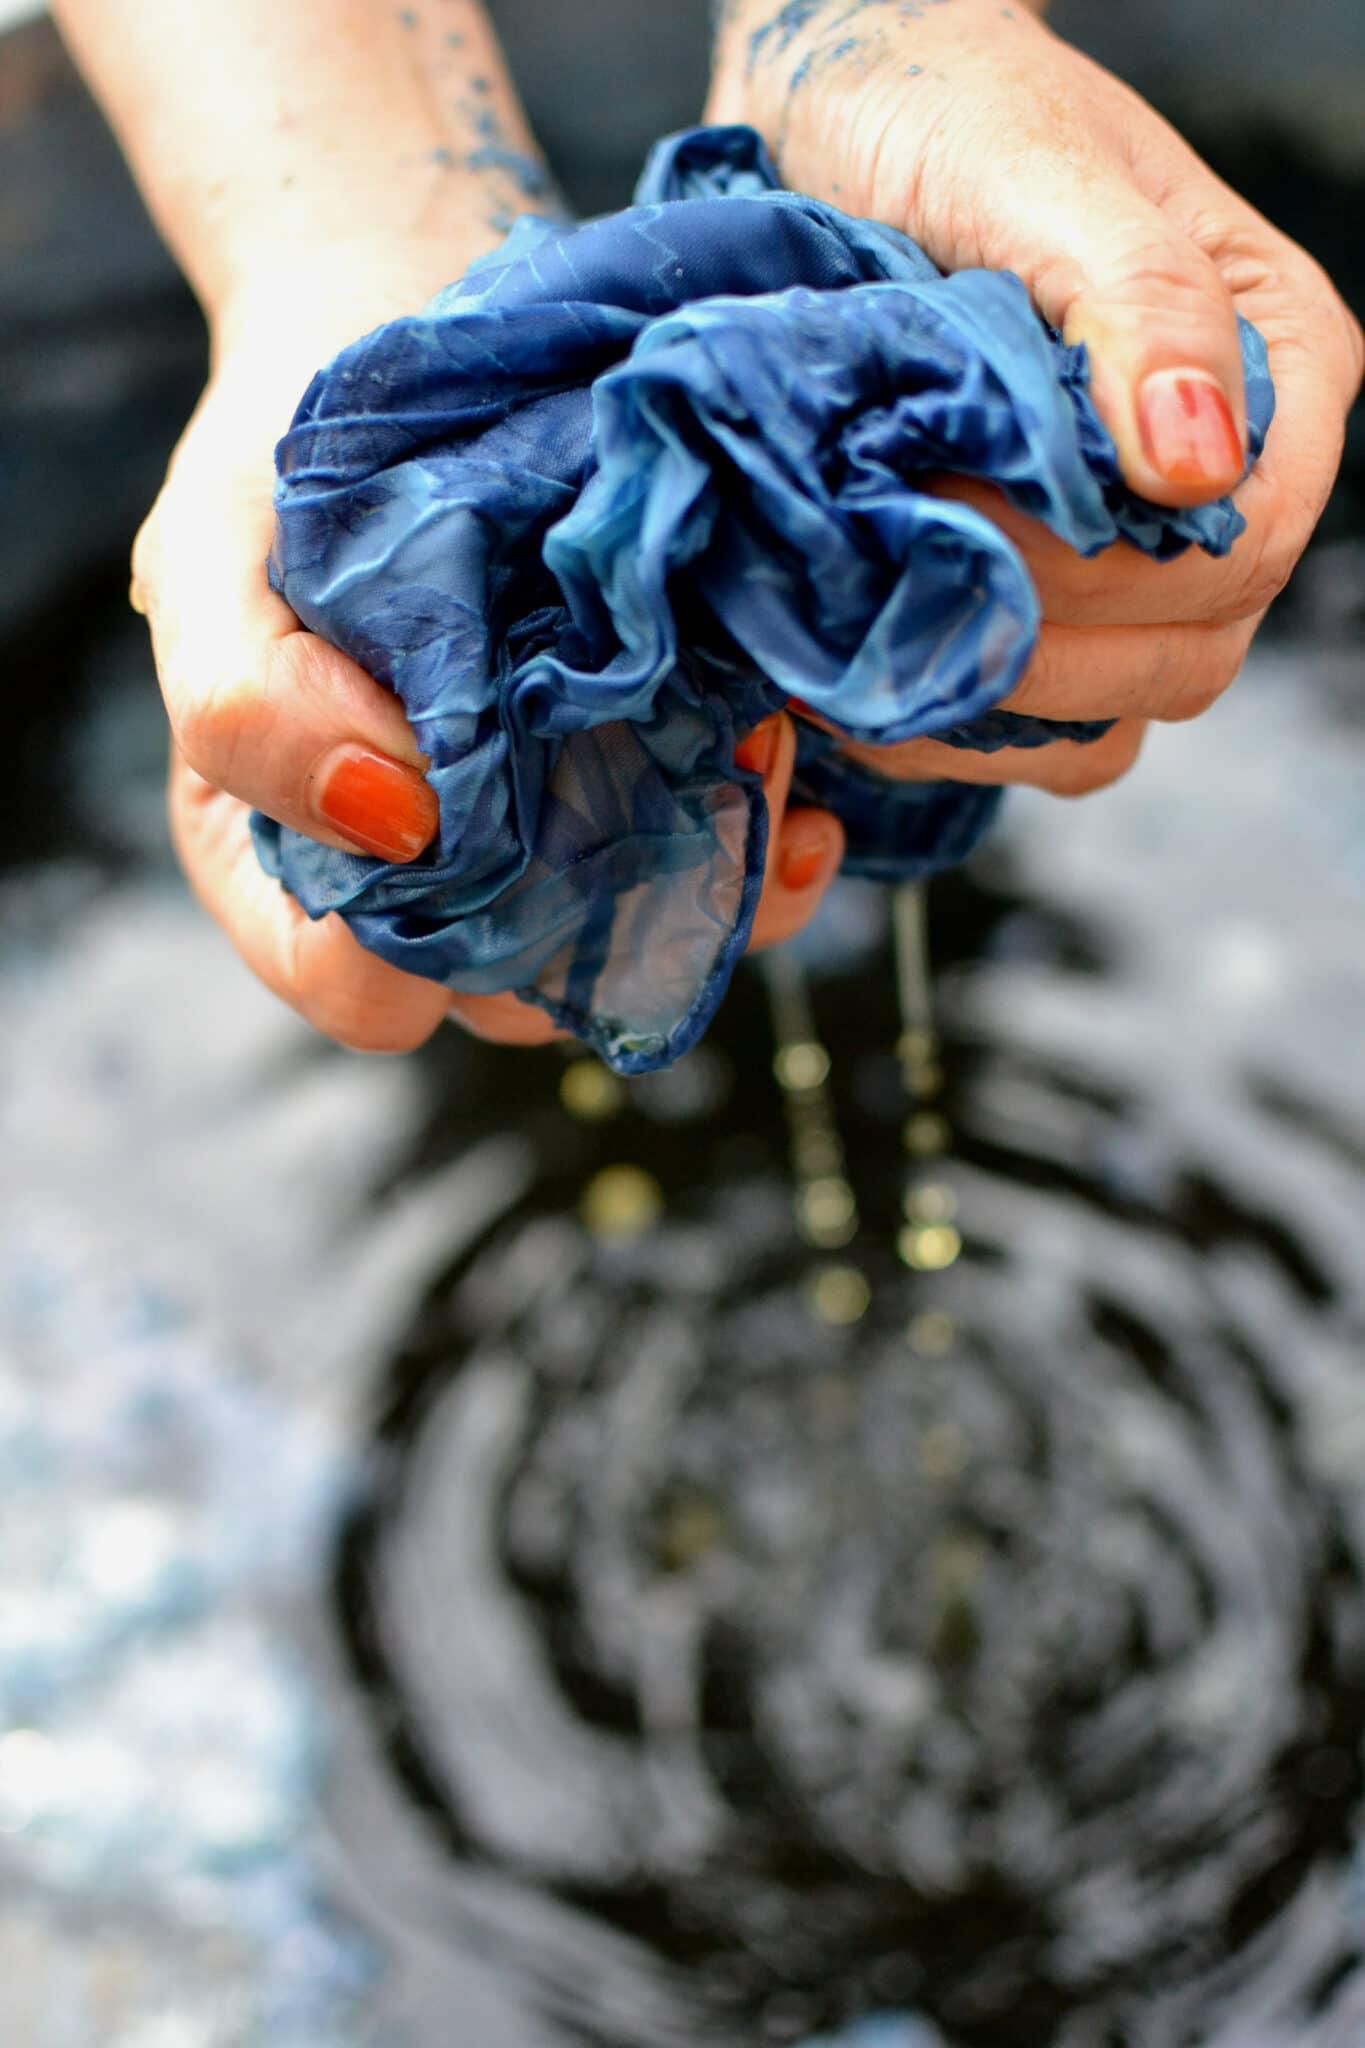 Blauer Farbstoff wird von Hand aus dem Stoff gepresst.